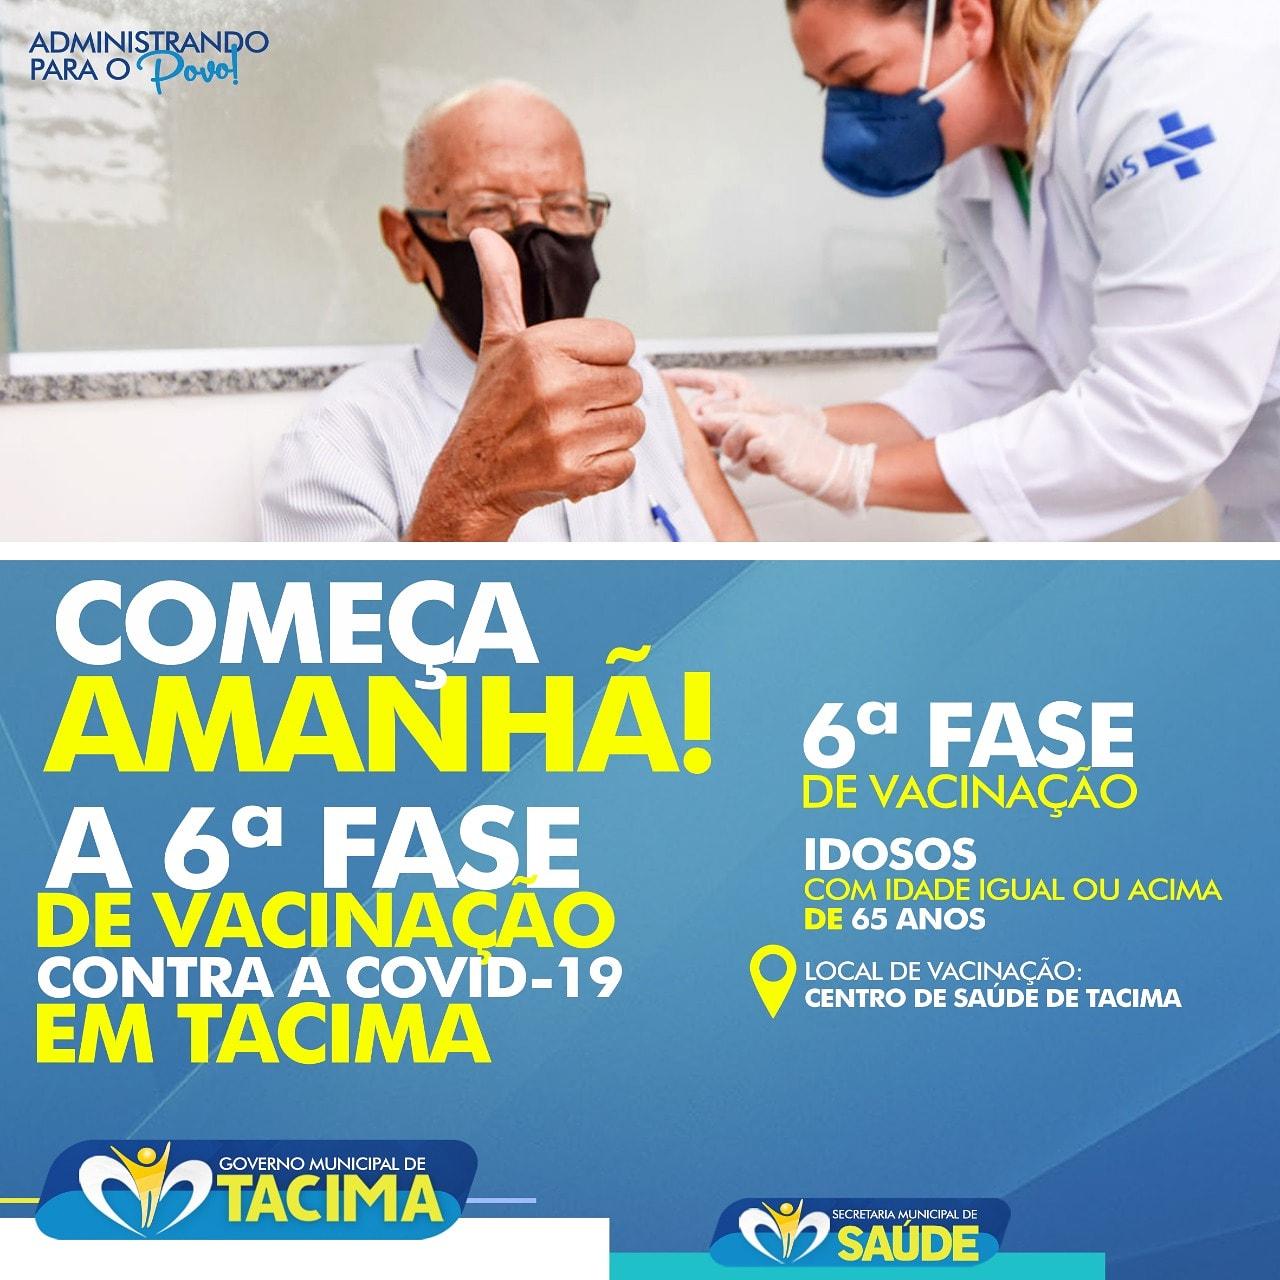 COMEÇA AMANHÃ A 6ª FASE DE VACINAÇÃO CONTRA A COVID-19 EM TACIMA